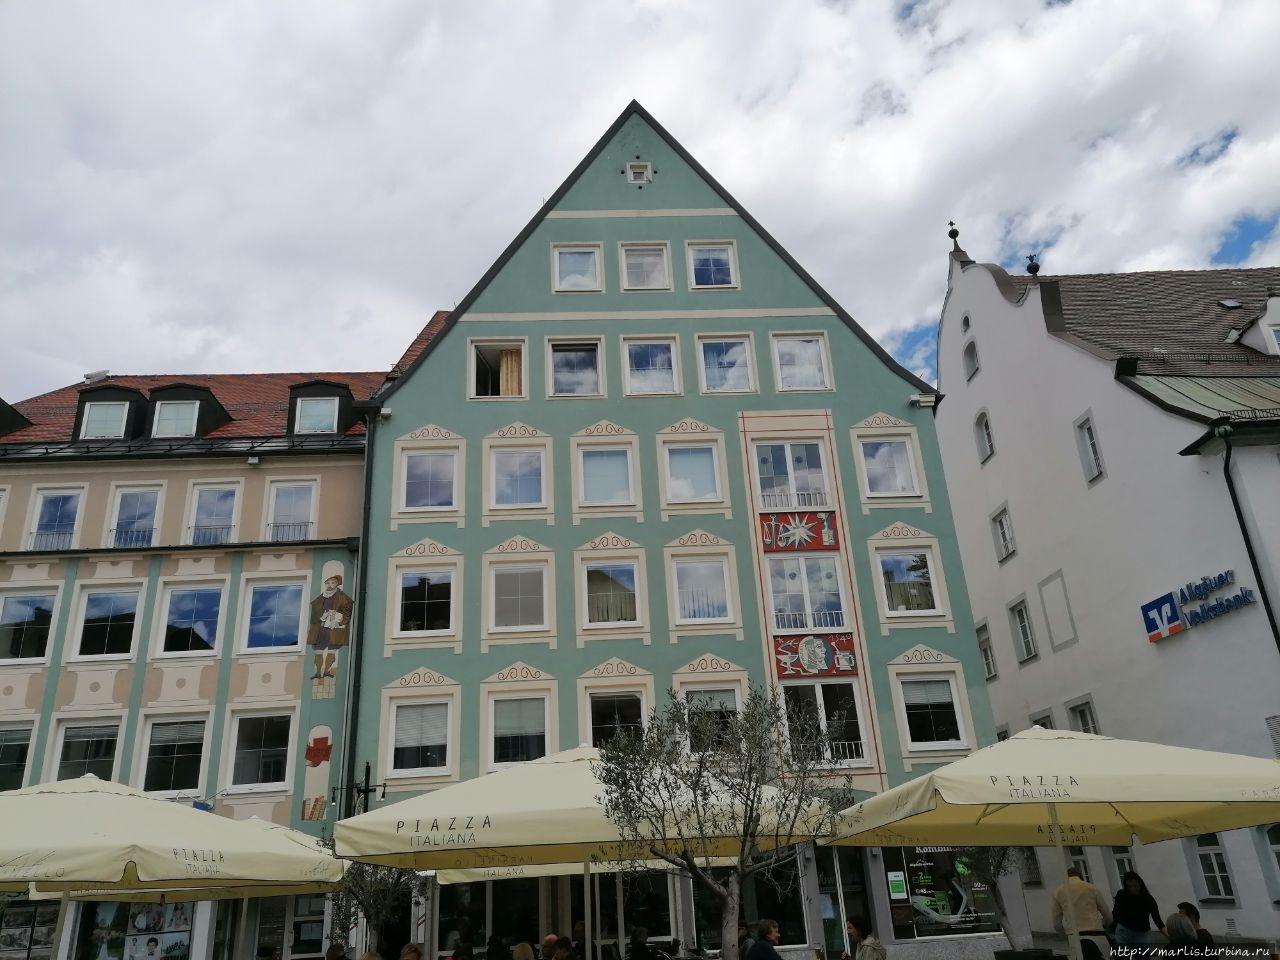 Городская ратуша Кемптен, Германия